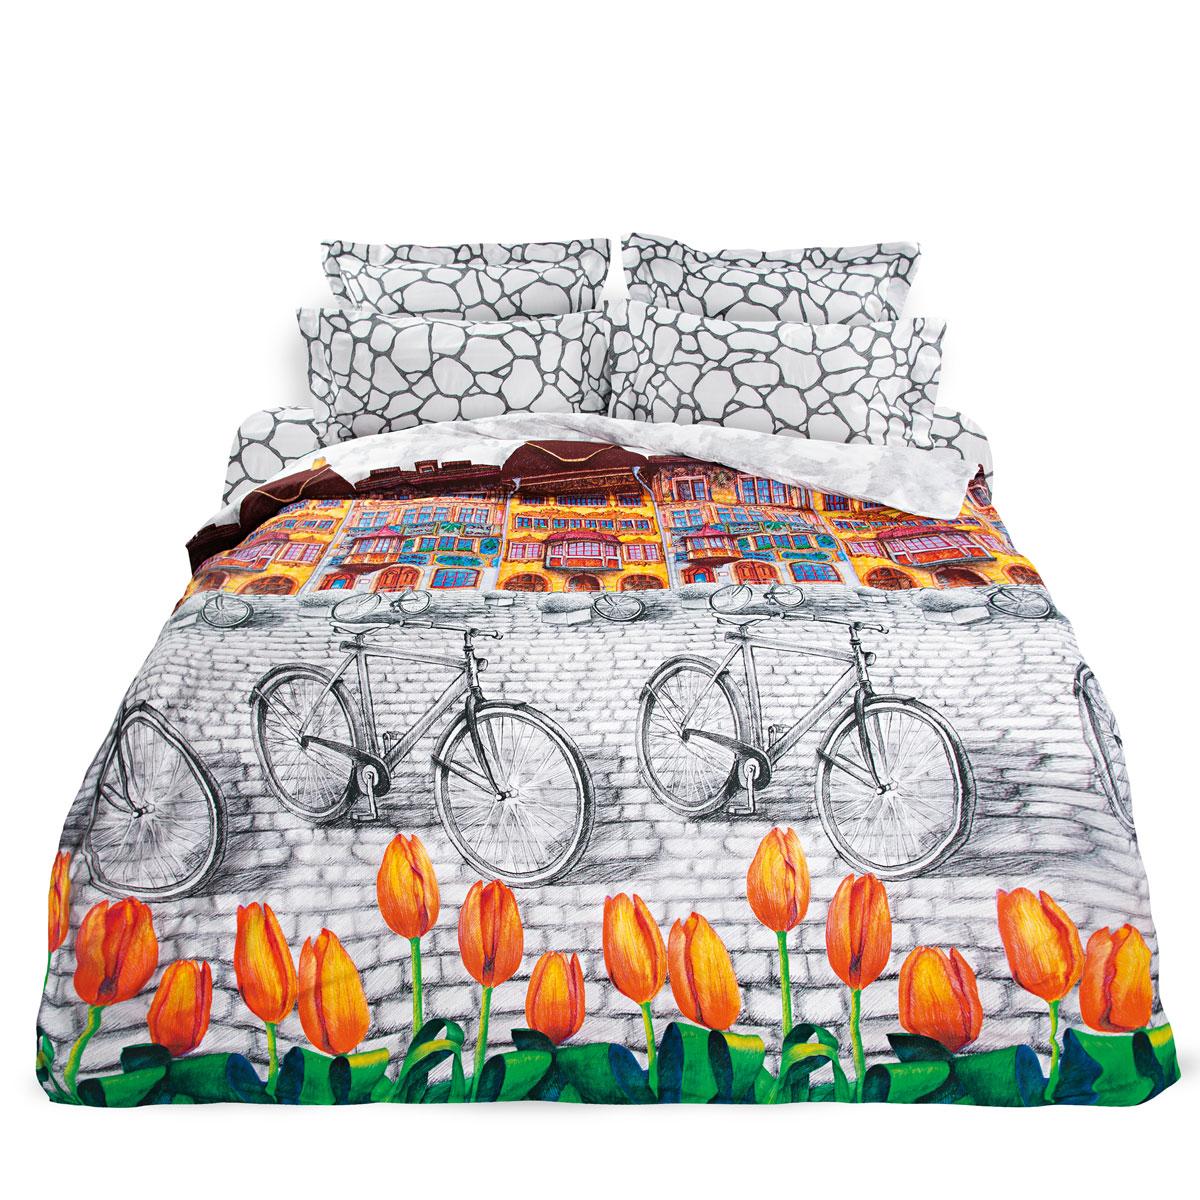 Комплект белья Унисон Голландский уголок, семейный, наволочки 70 х 70, цвет: серо-белый. 276901276901Постельное белье торговой марки «Унисон Биоматин» - это домашний текстиль премиум класса с эксклюзивными дизайнами в разнообразных стилистических решениях. Комплекты данной серии выполнены из ткани «биоматин» - это 100% хлопок высочайшего качества, мягкий, тонкий и легкий, но при этом прочный, долговечный и очень практичный, с повышенным показателем износостойкости, обладающий грязе- и пылеотталкивающими свойствами, долго сохраняющий чистоту и свежесть постельного белья, гипоаллергенный.